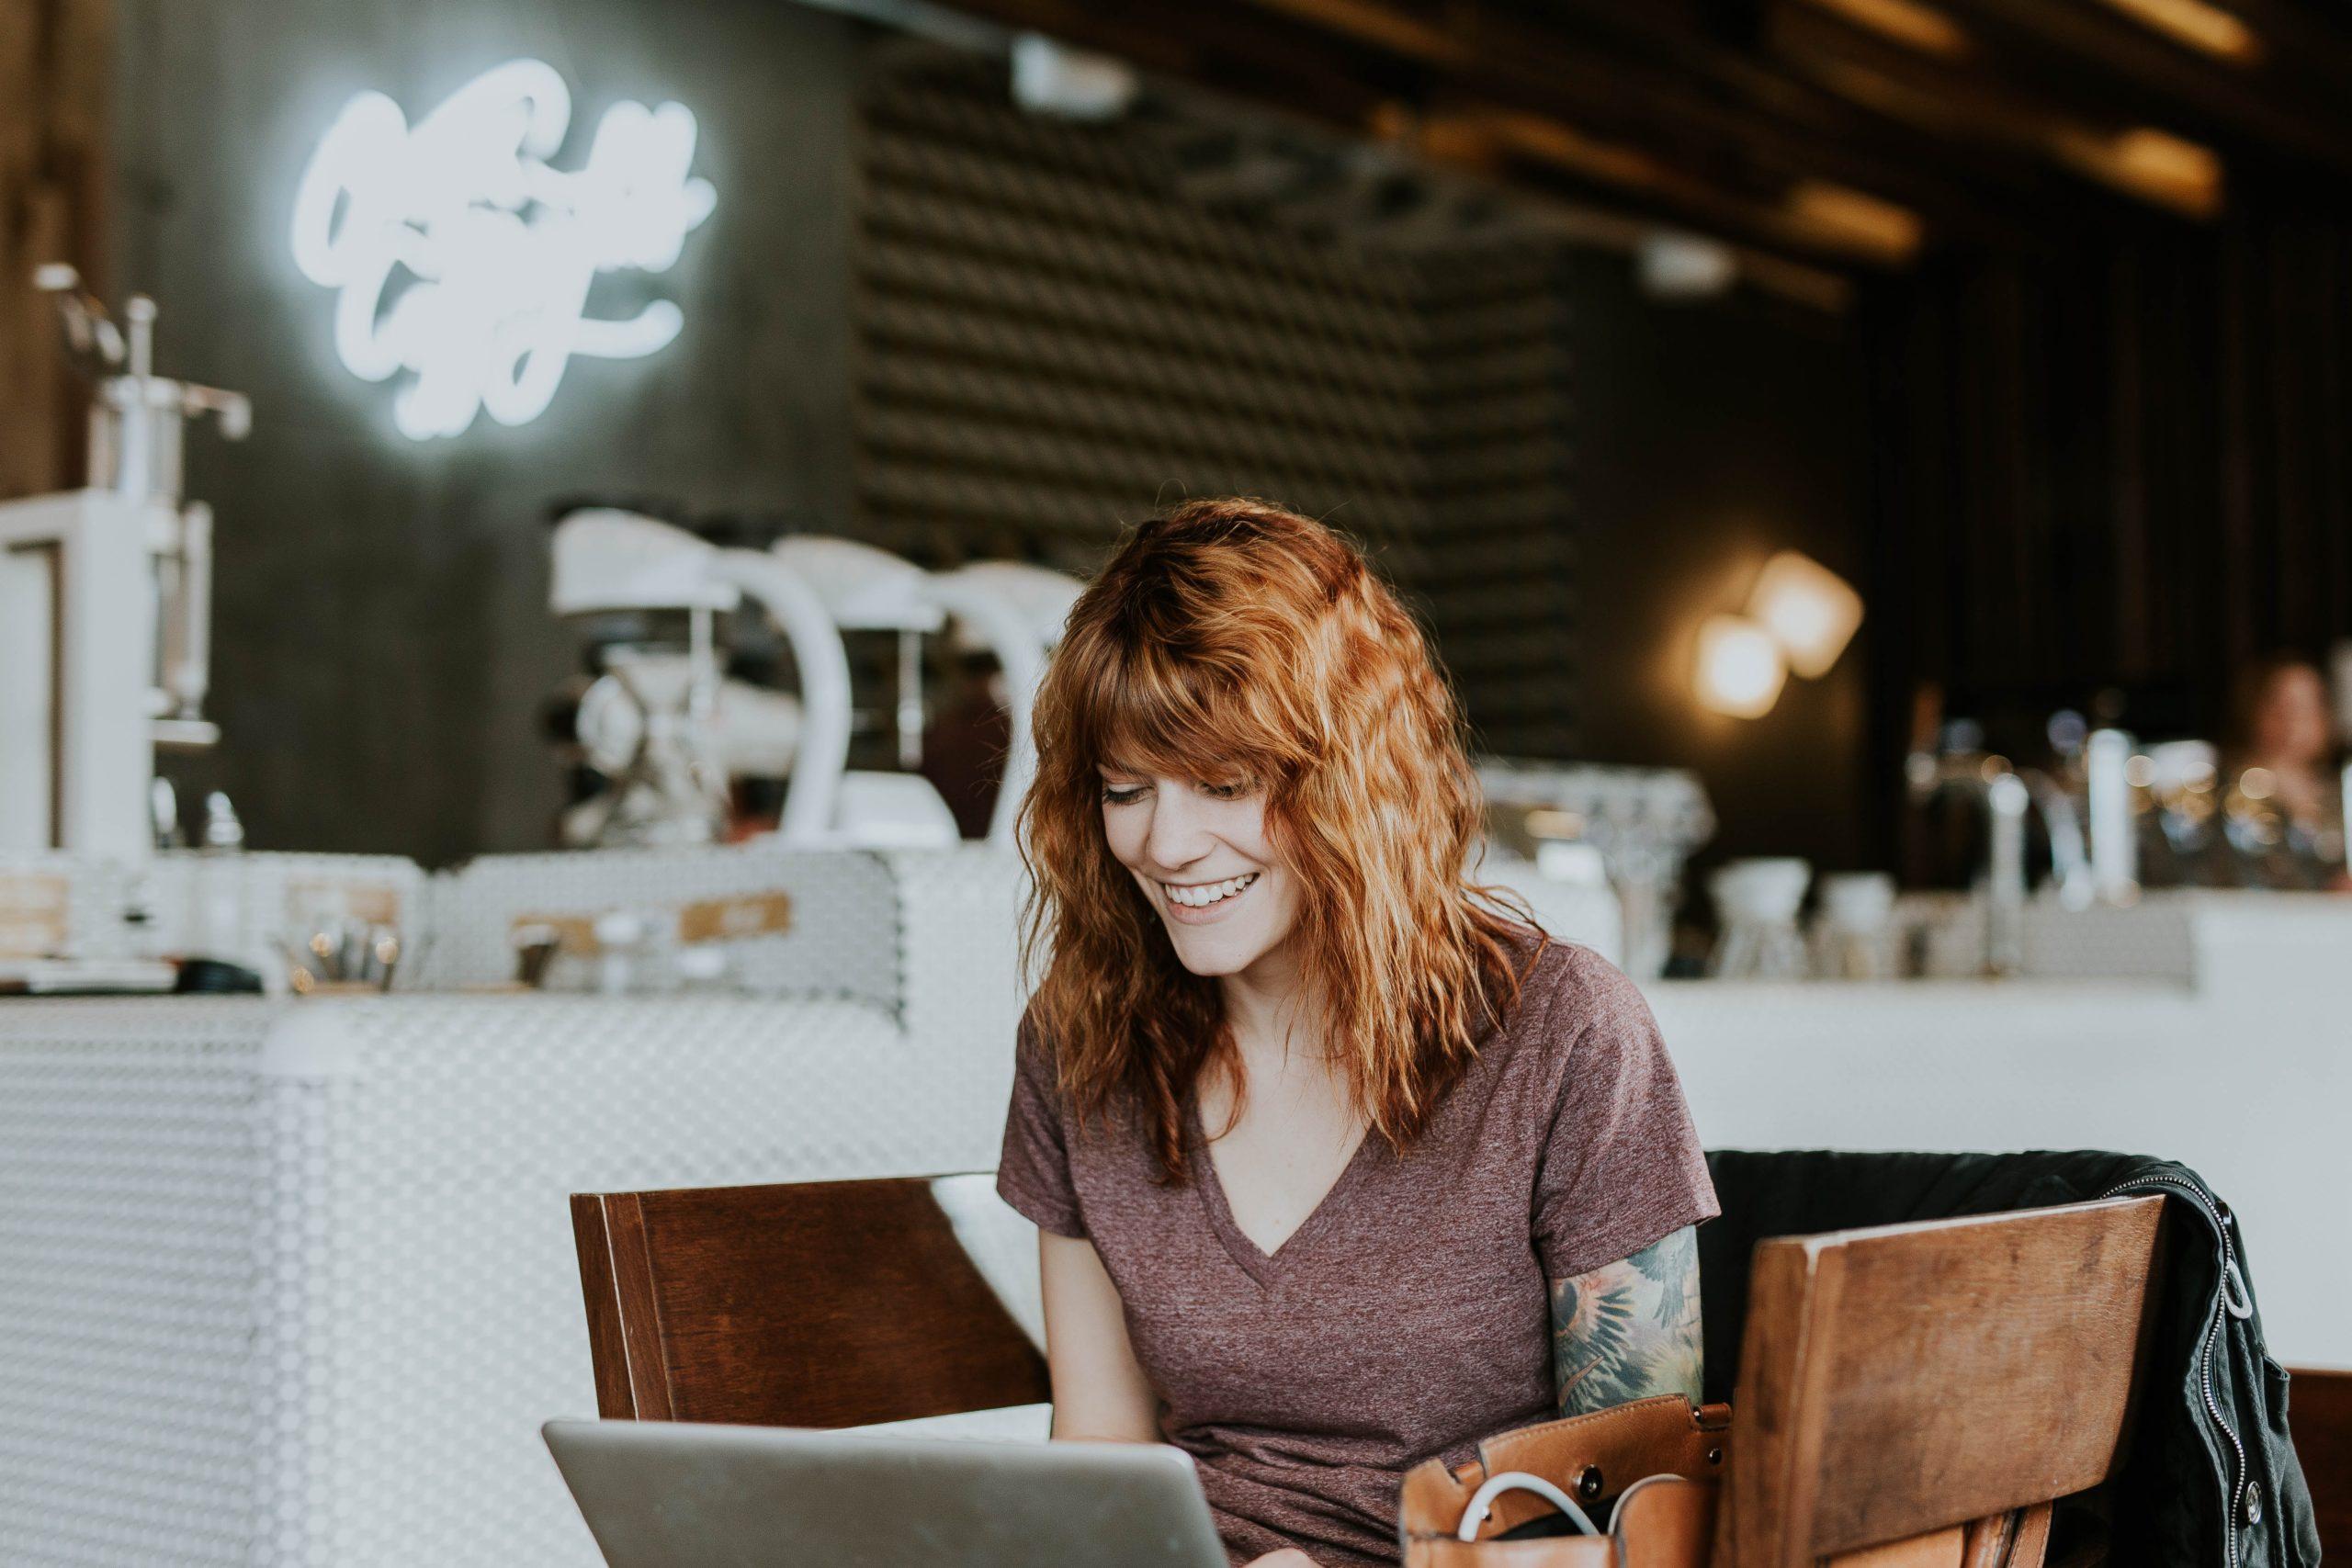 Onlinehandel ermöglicht bequemes Shoppen im Cafe um die Ecke